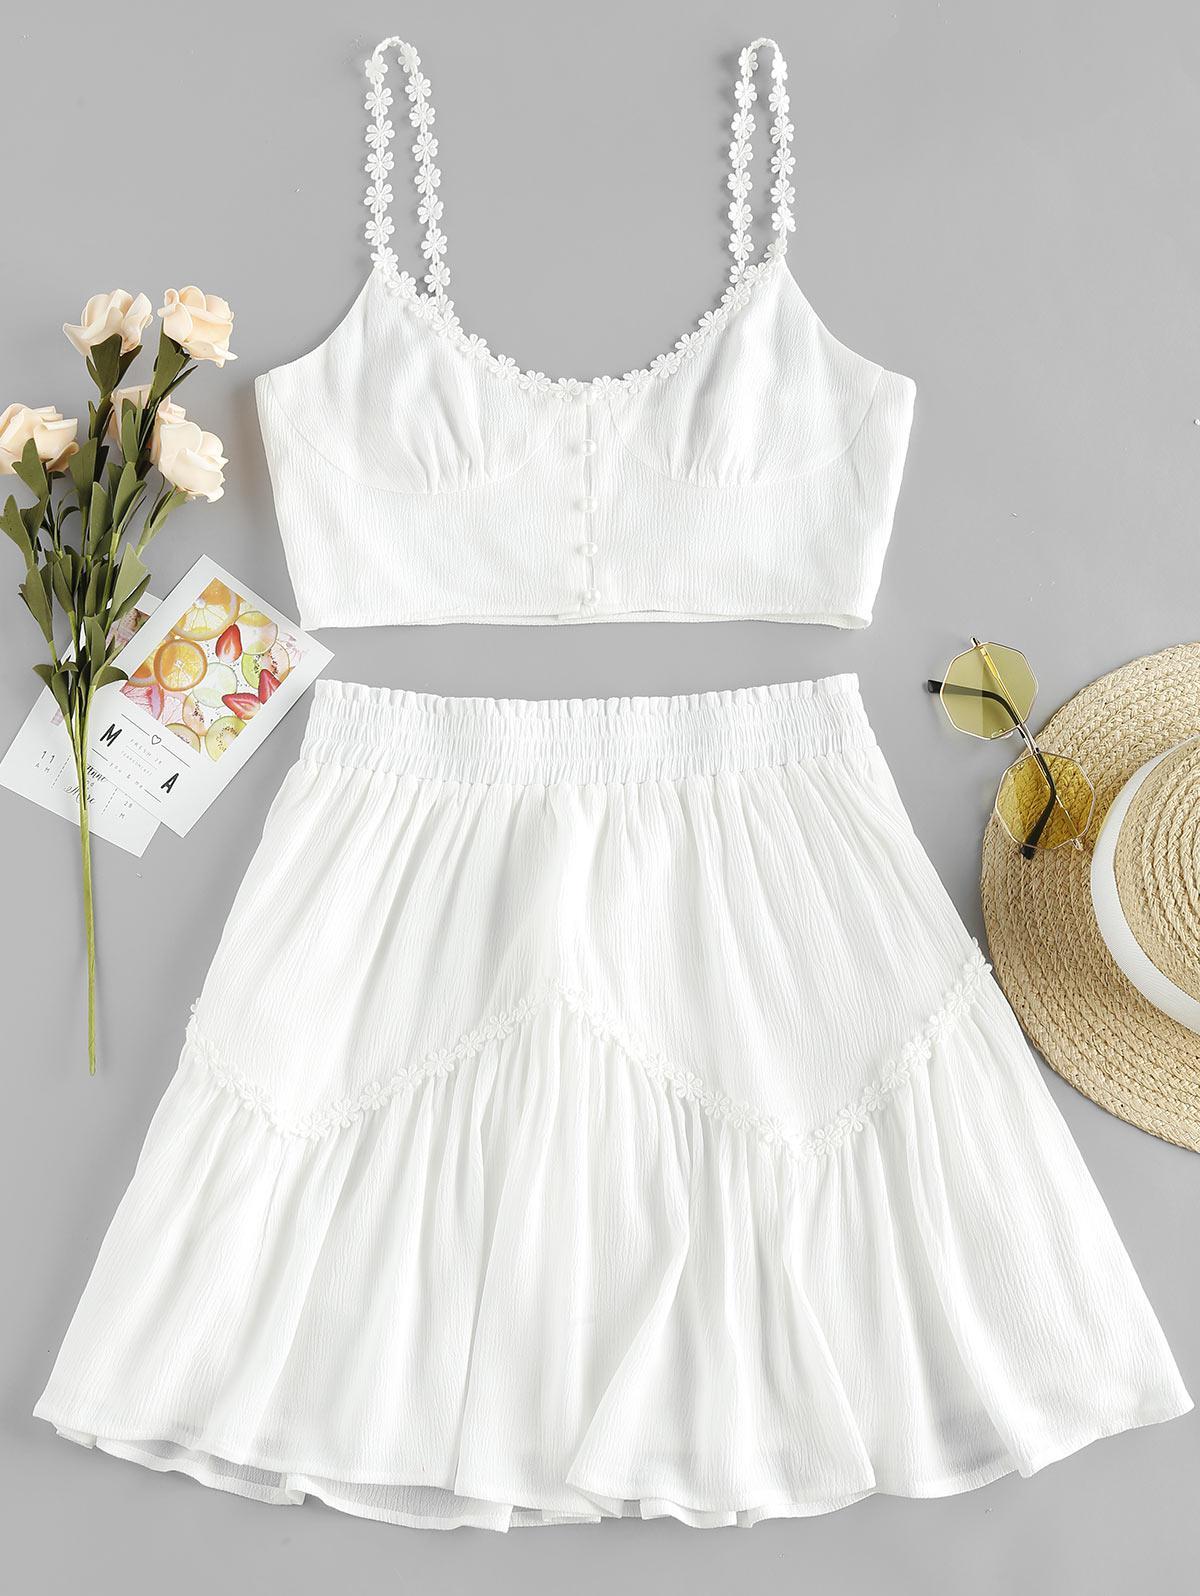 ZAFUL Flower Applique Button Up Mini Skirt Set